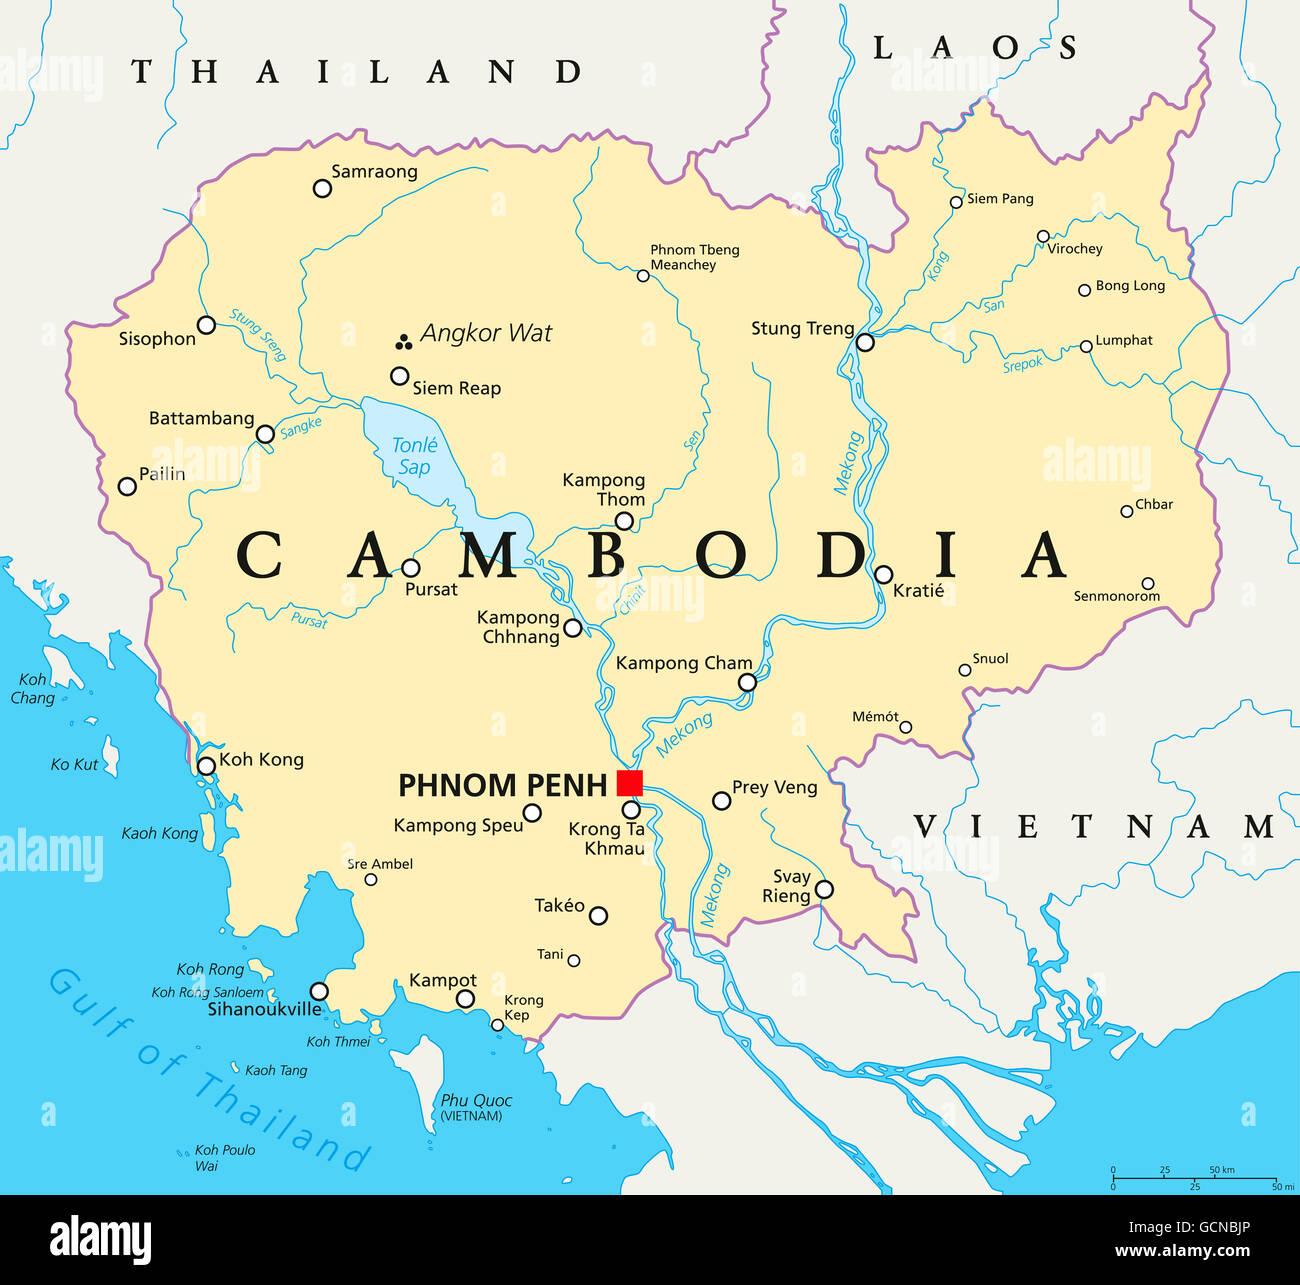 Kambodscha Karte.Kambodscha Politische Karte Mit Hauptstadt Phnom Penh